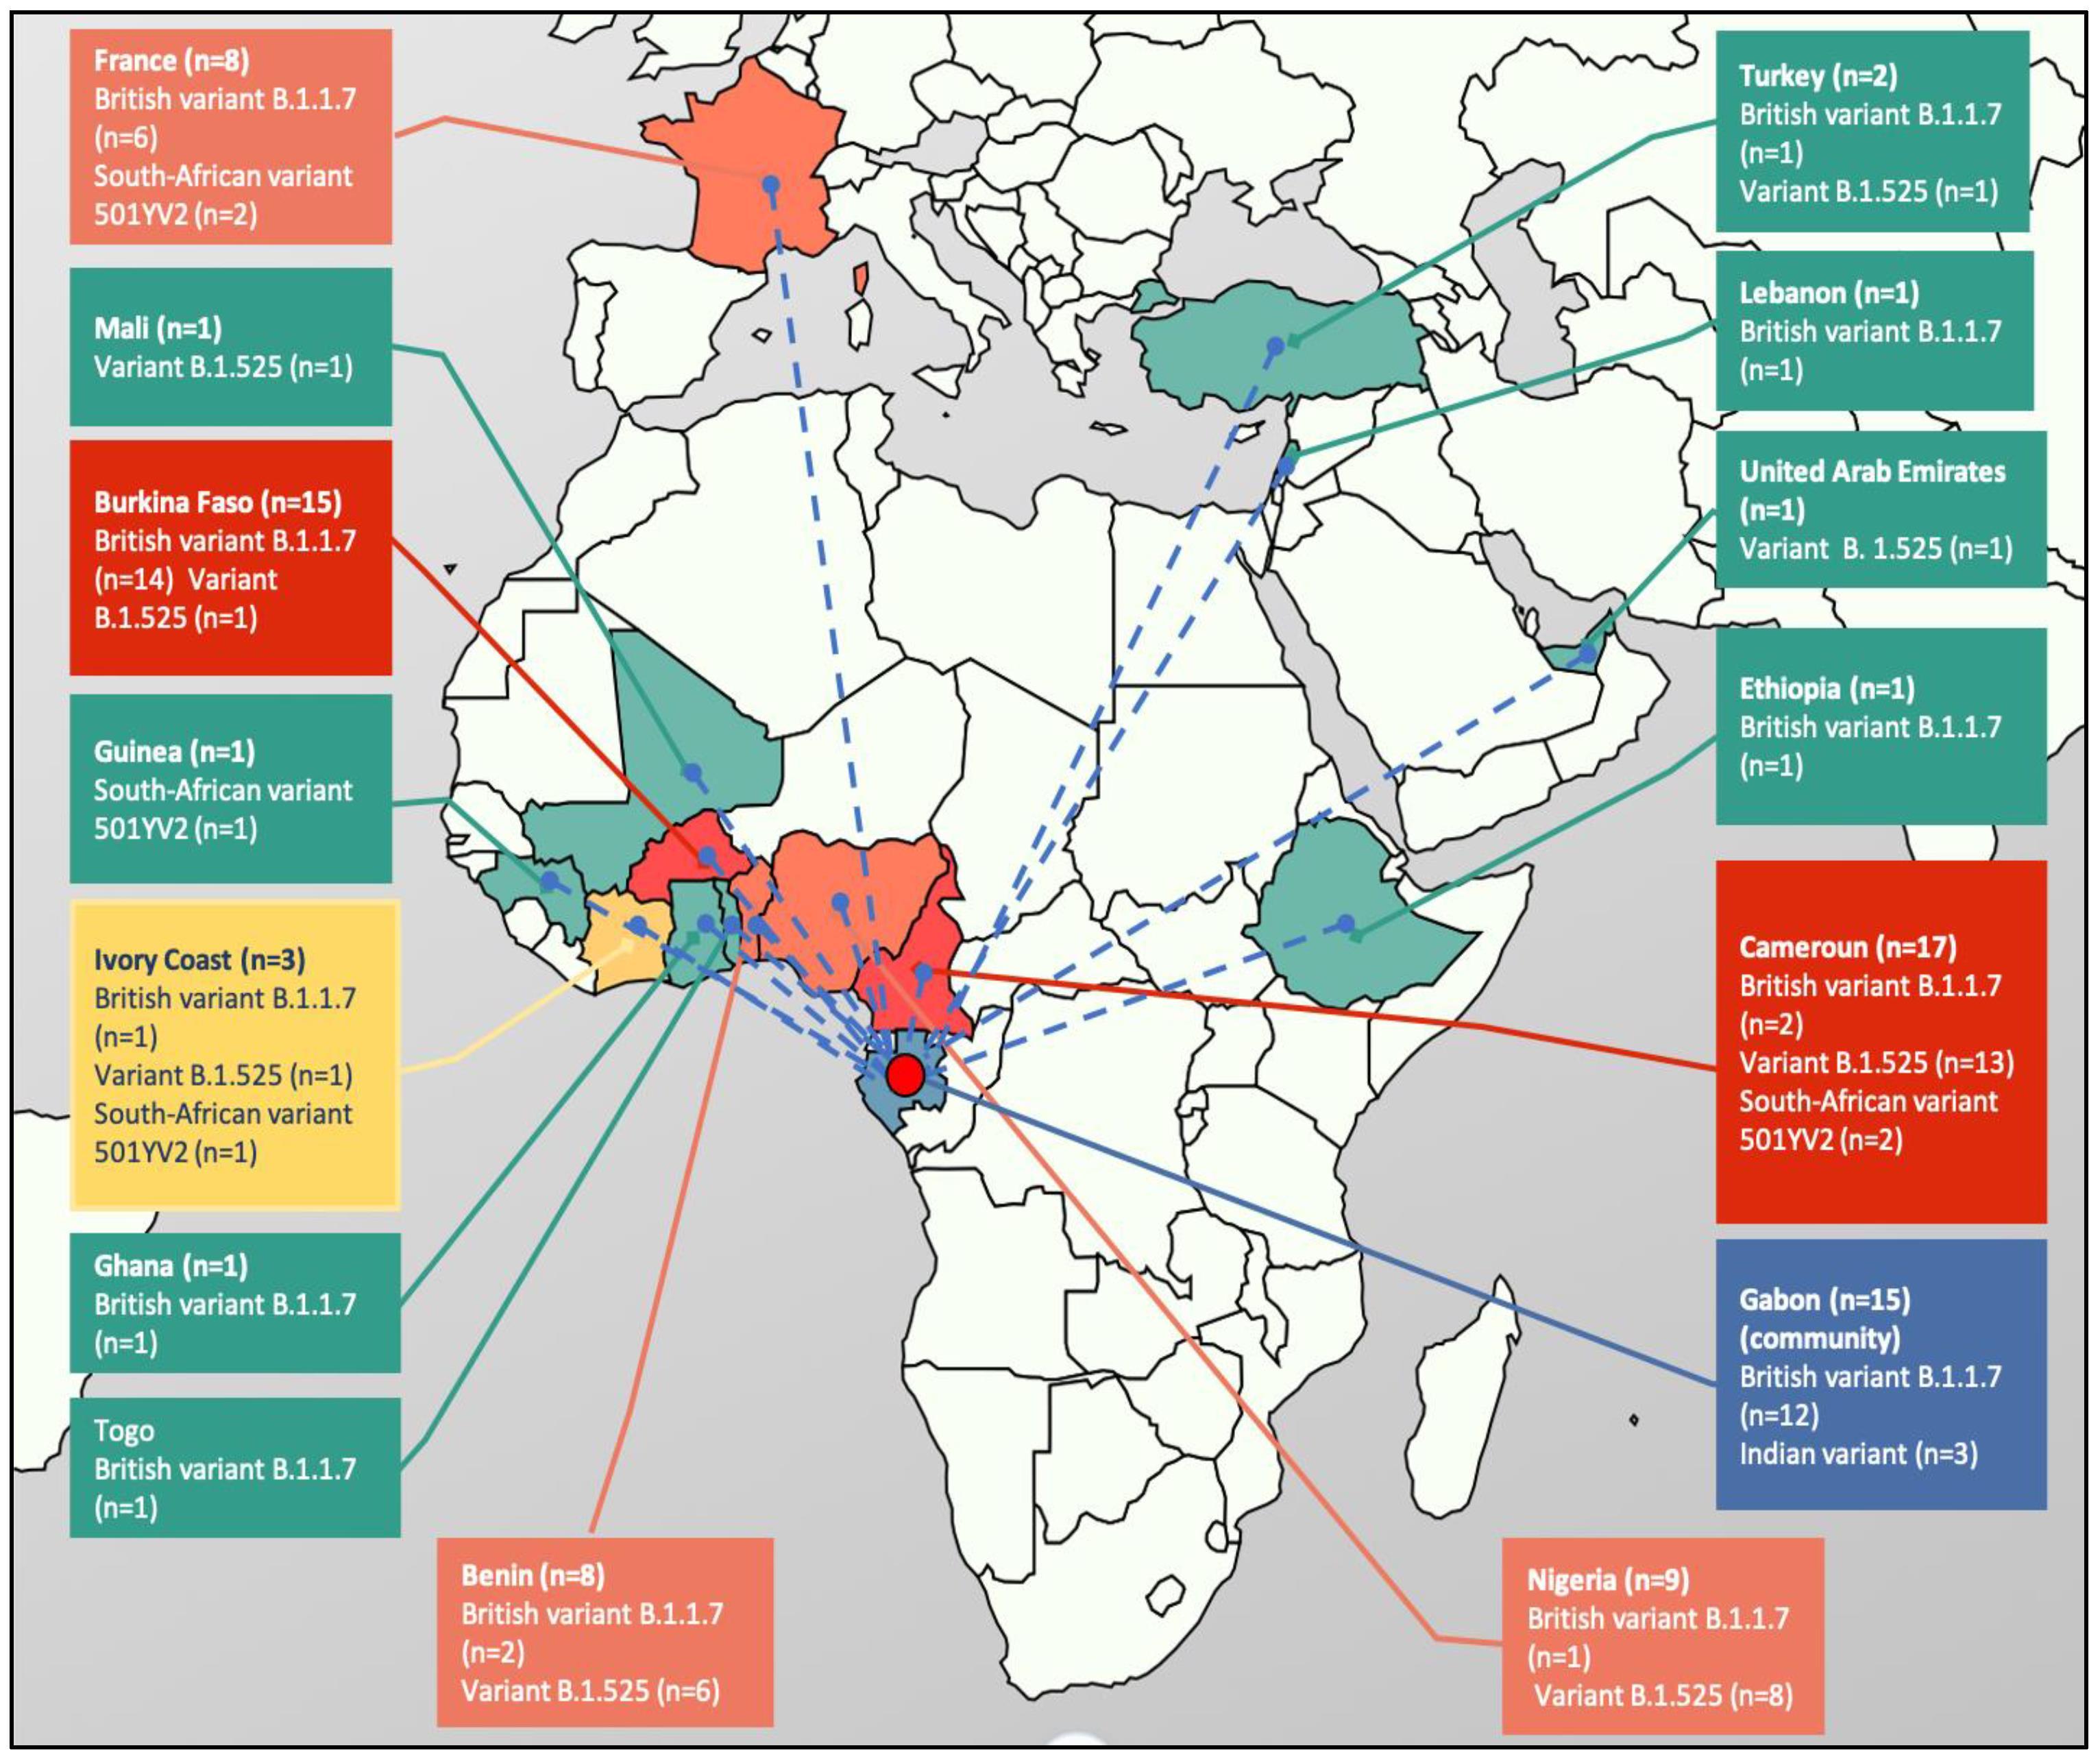 旅行者によりガボン共和国に持ち込まれた変異株系統および出発地情報